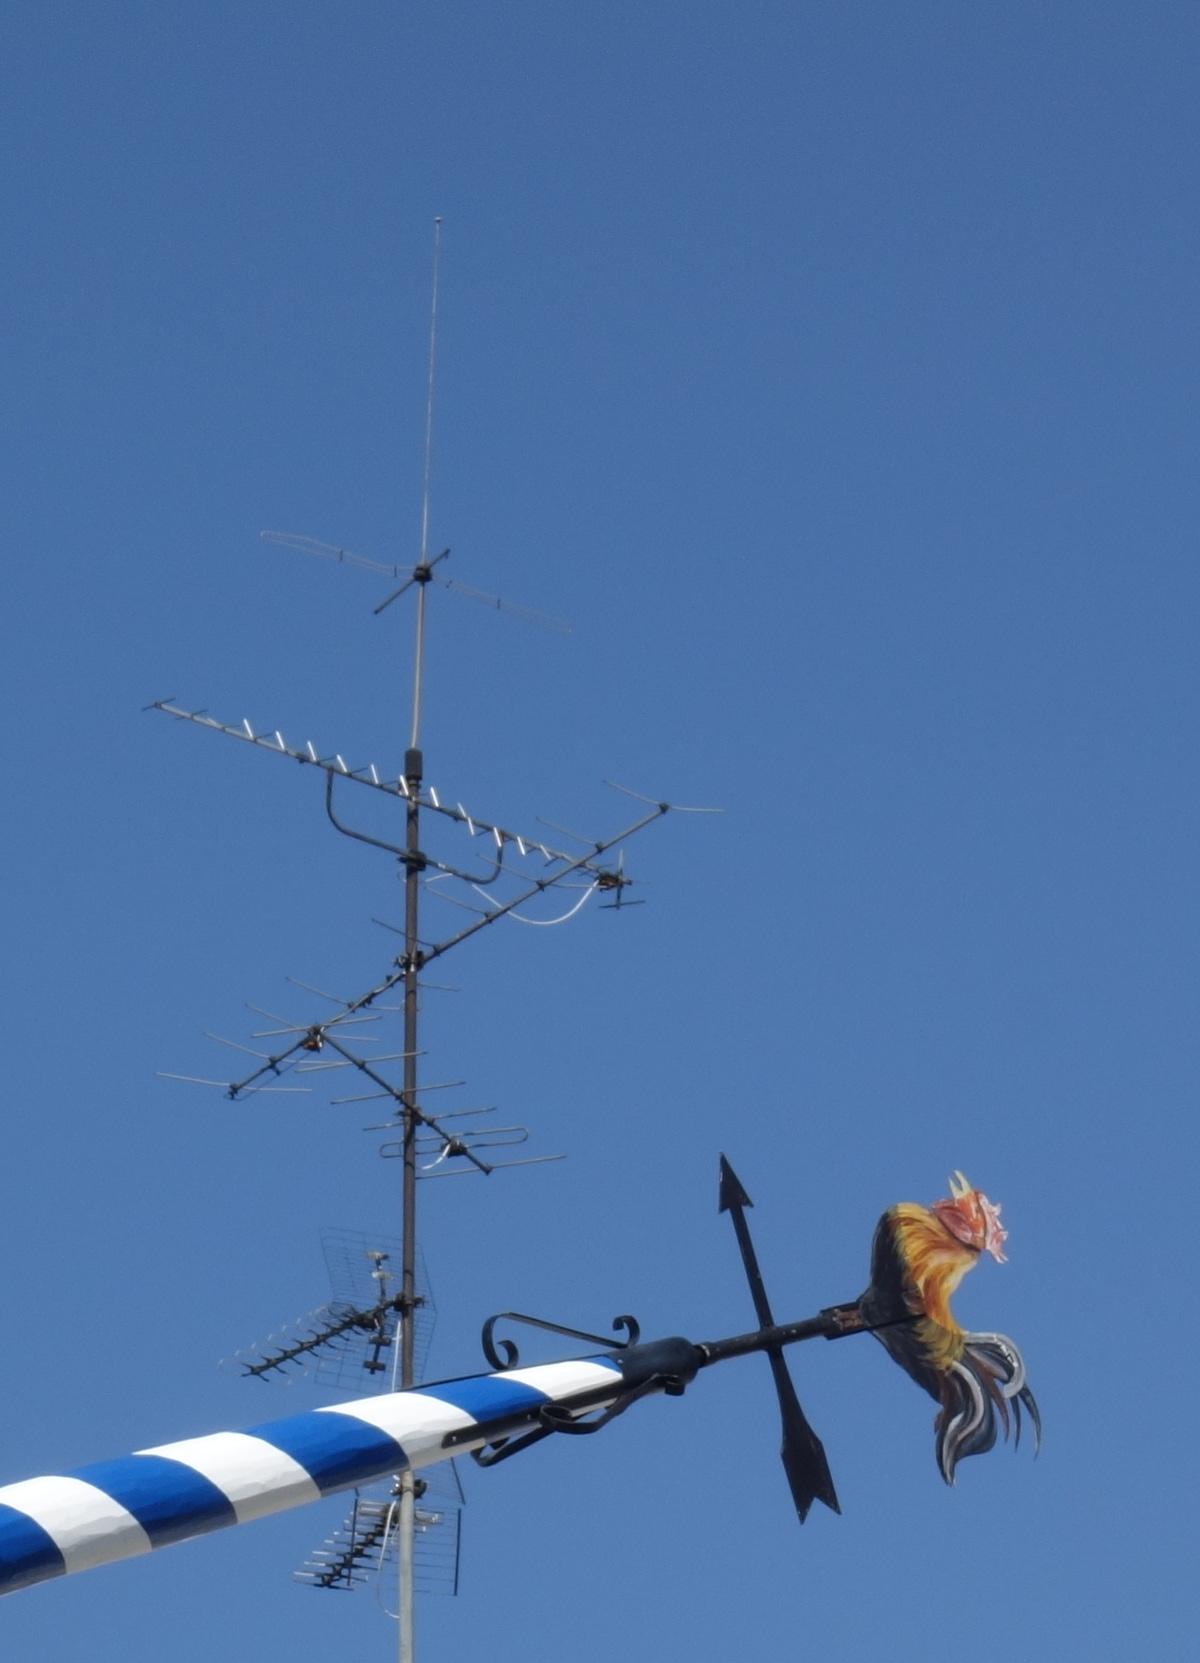 Wetterhahn trifft auf dem Weg zur Spitze einen Antennemast